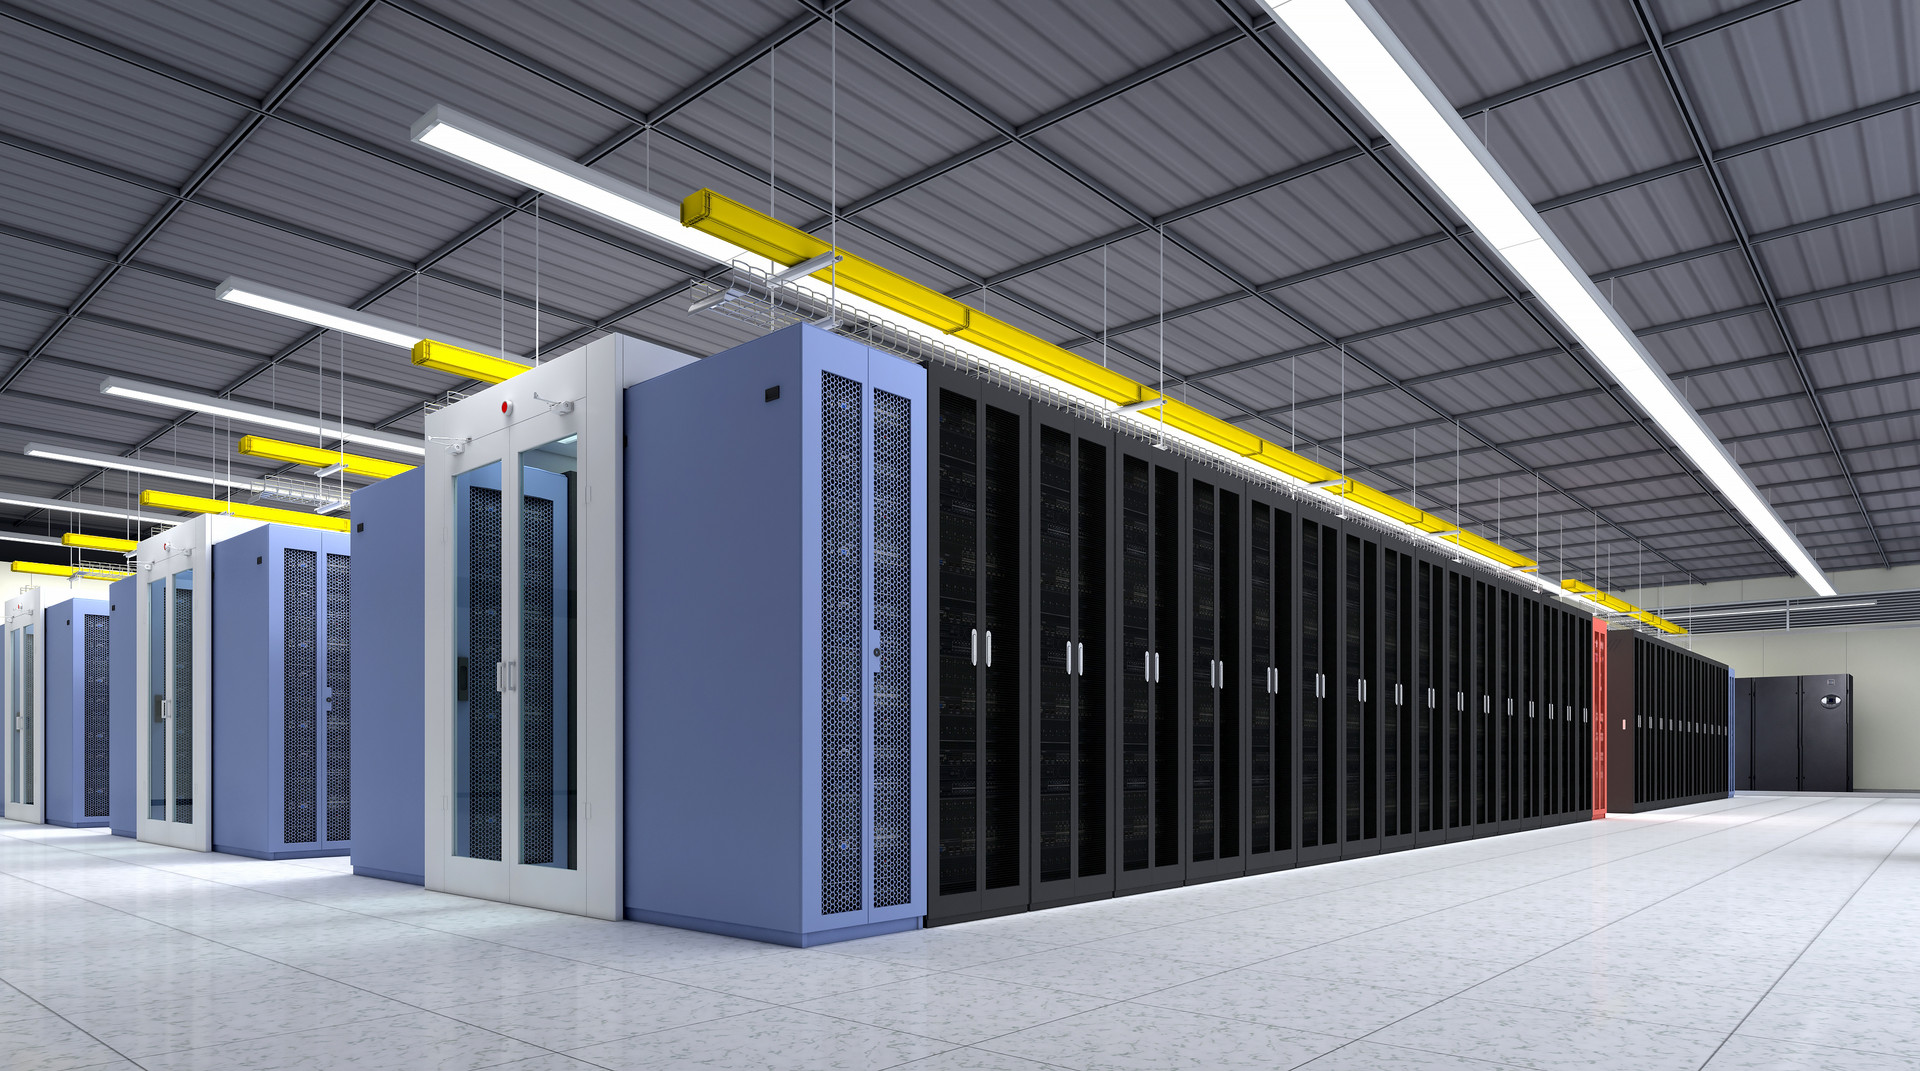 超算机房数据中心